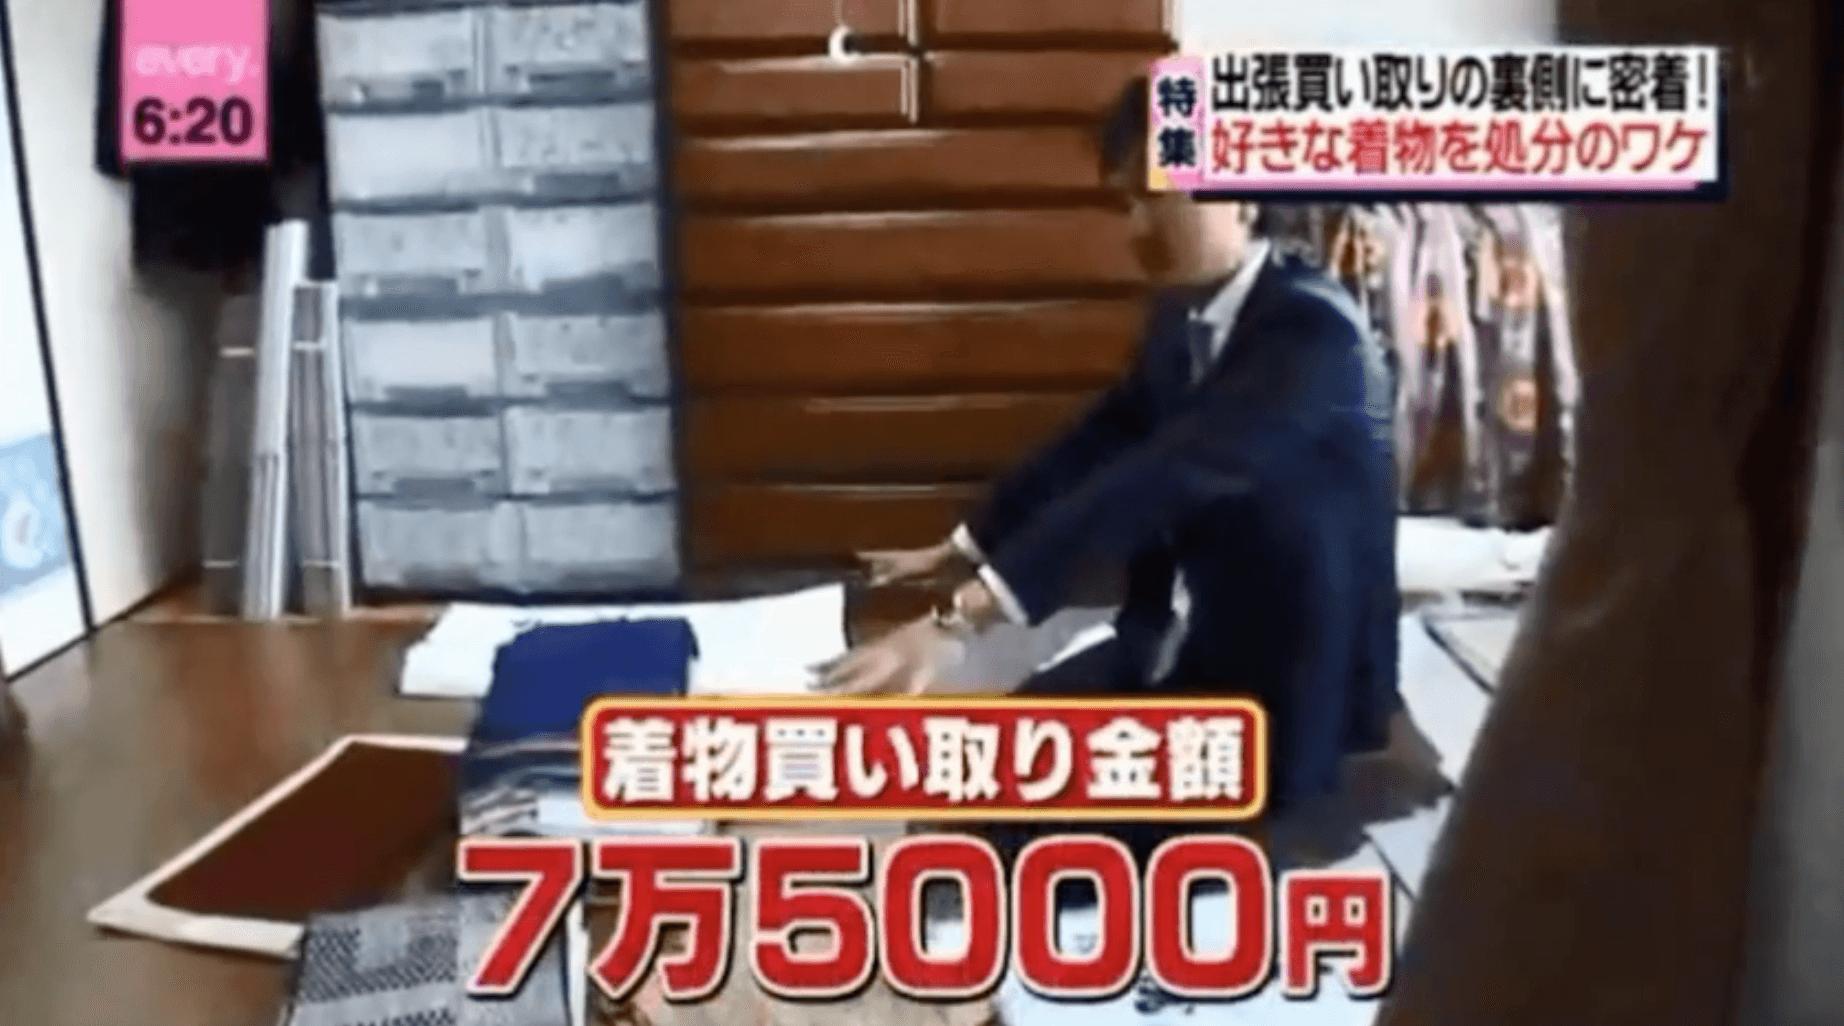 買取金額は7万5千円